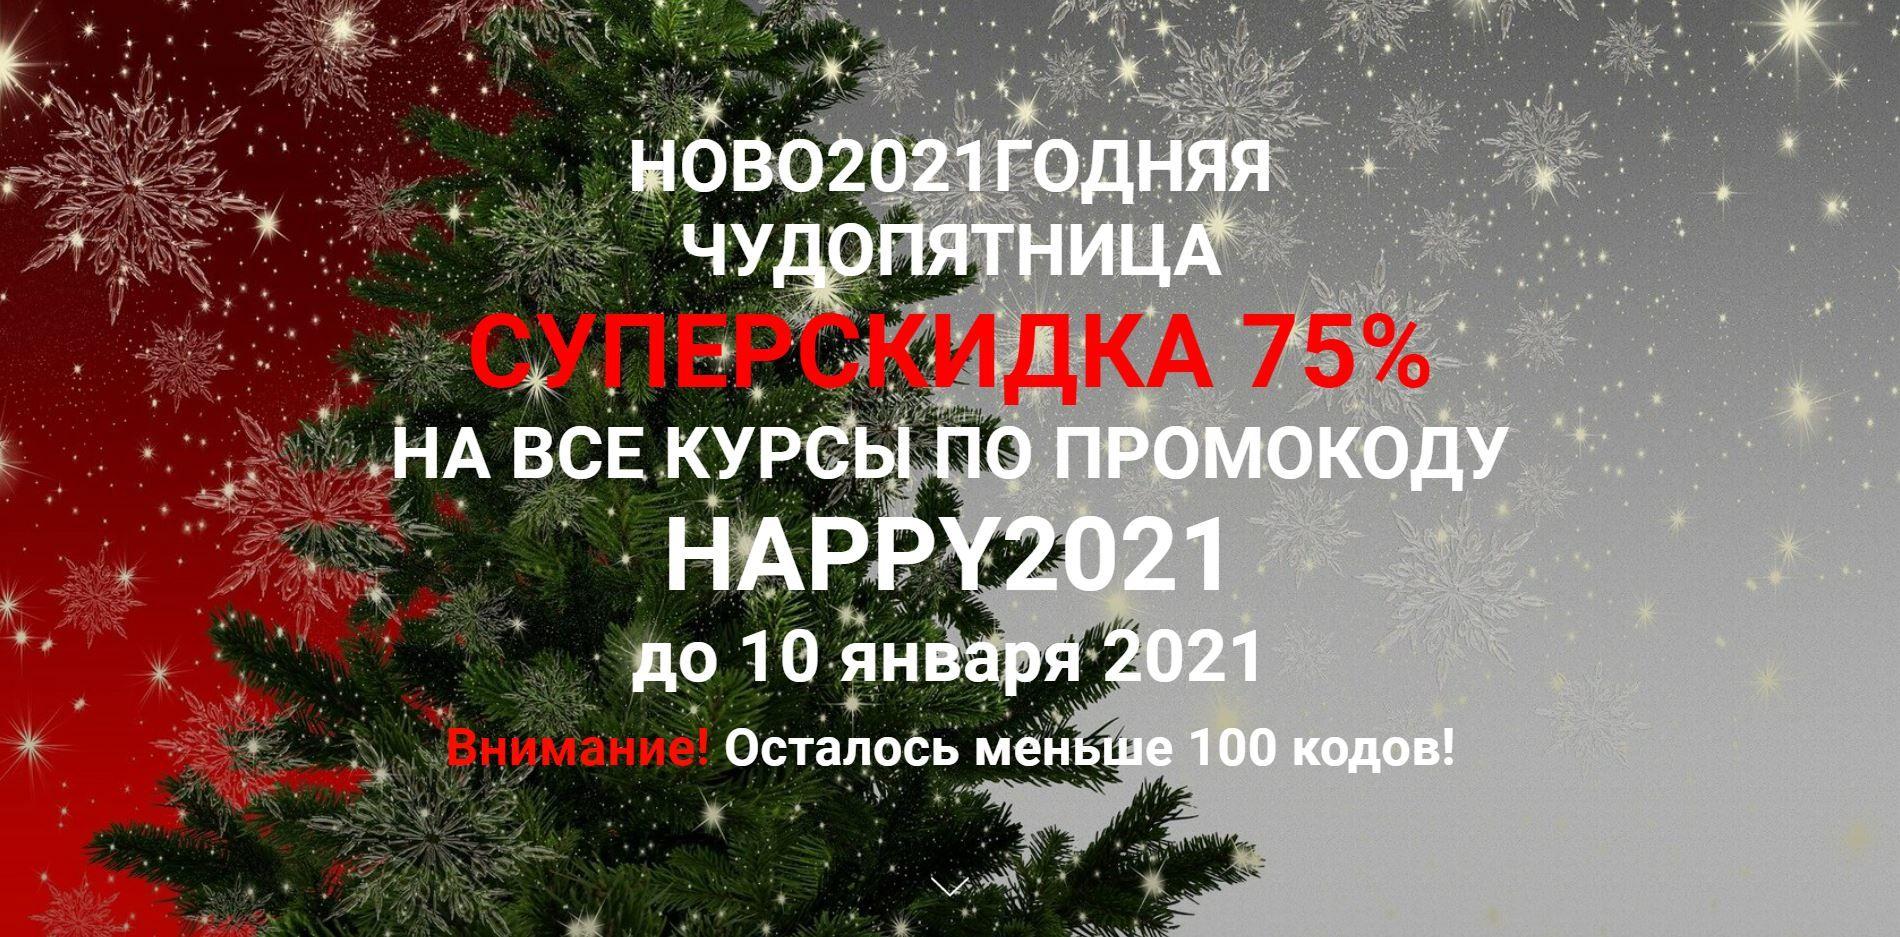 Cкидка 75% на все курсы по промокоду HAPPY2021